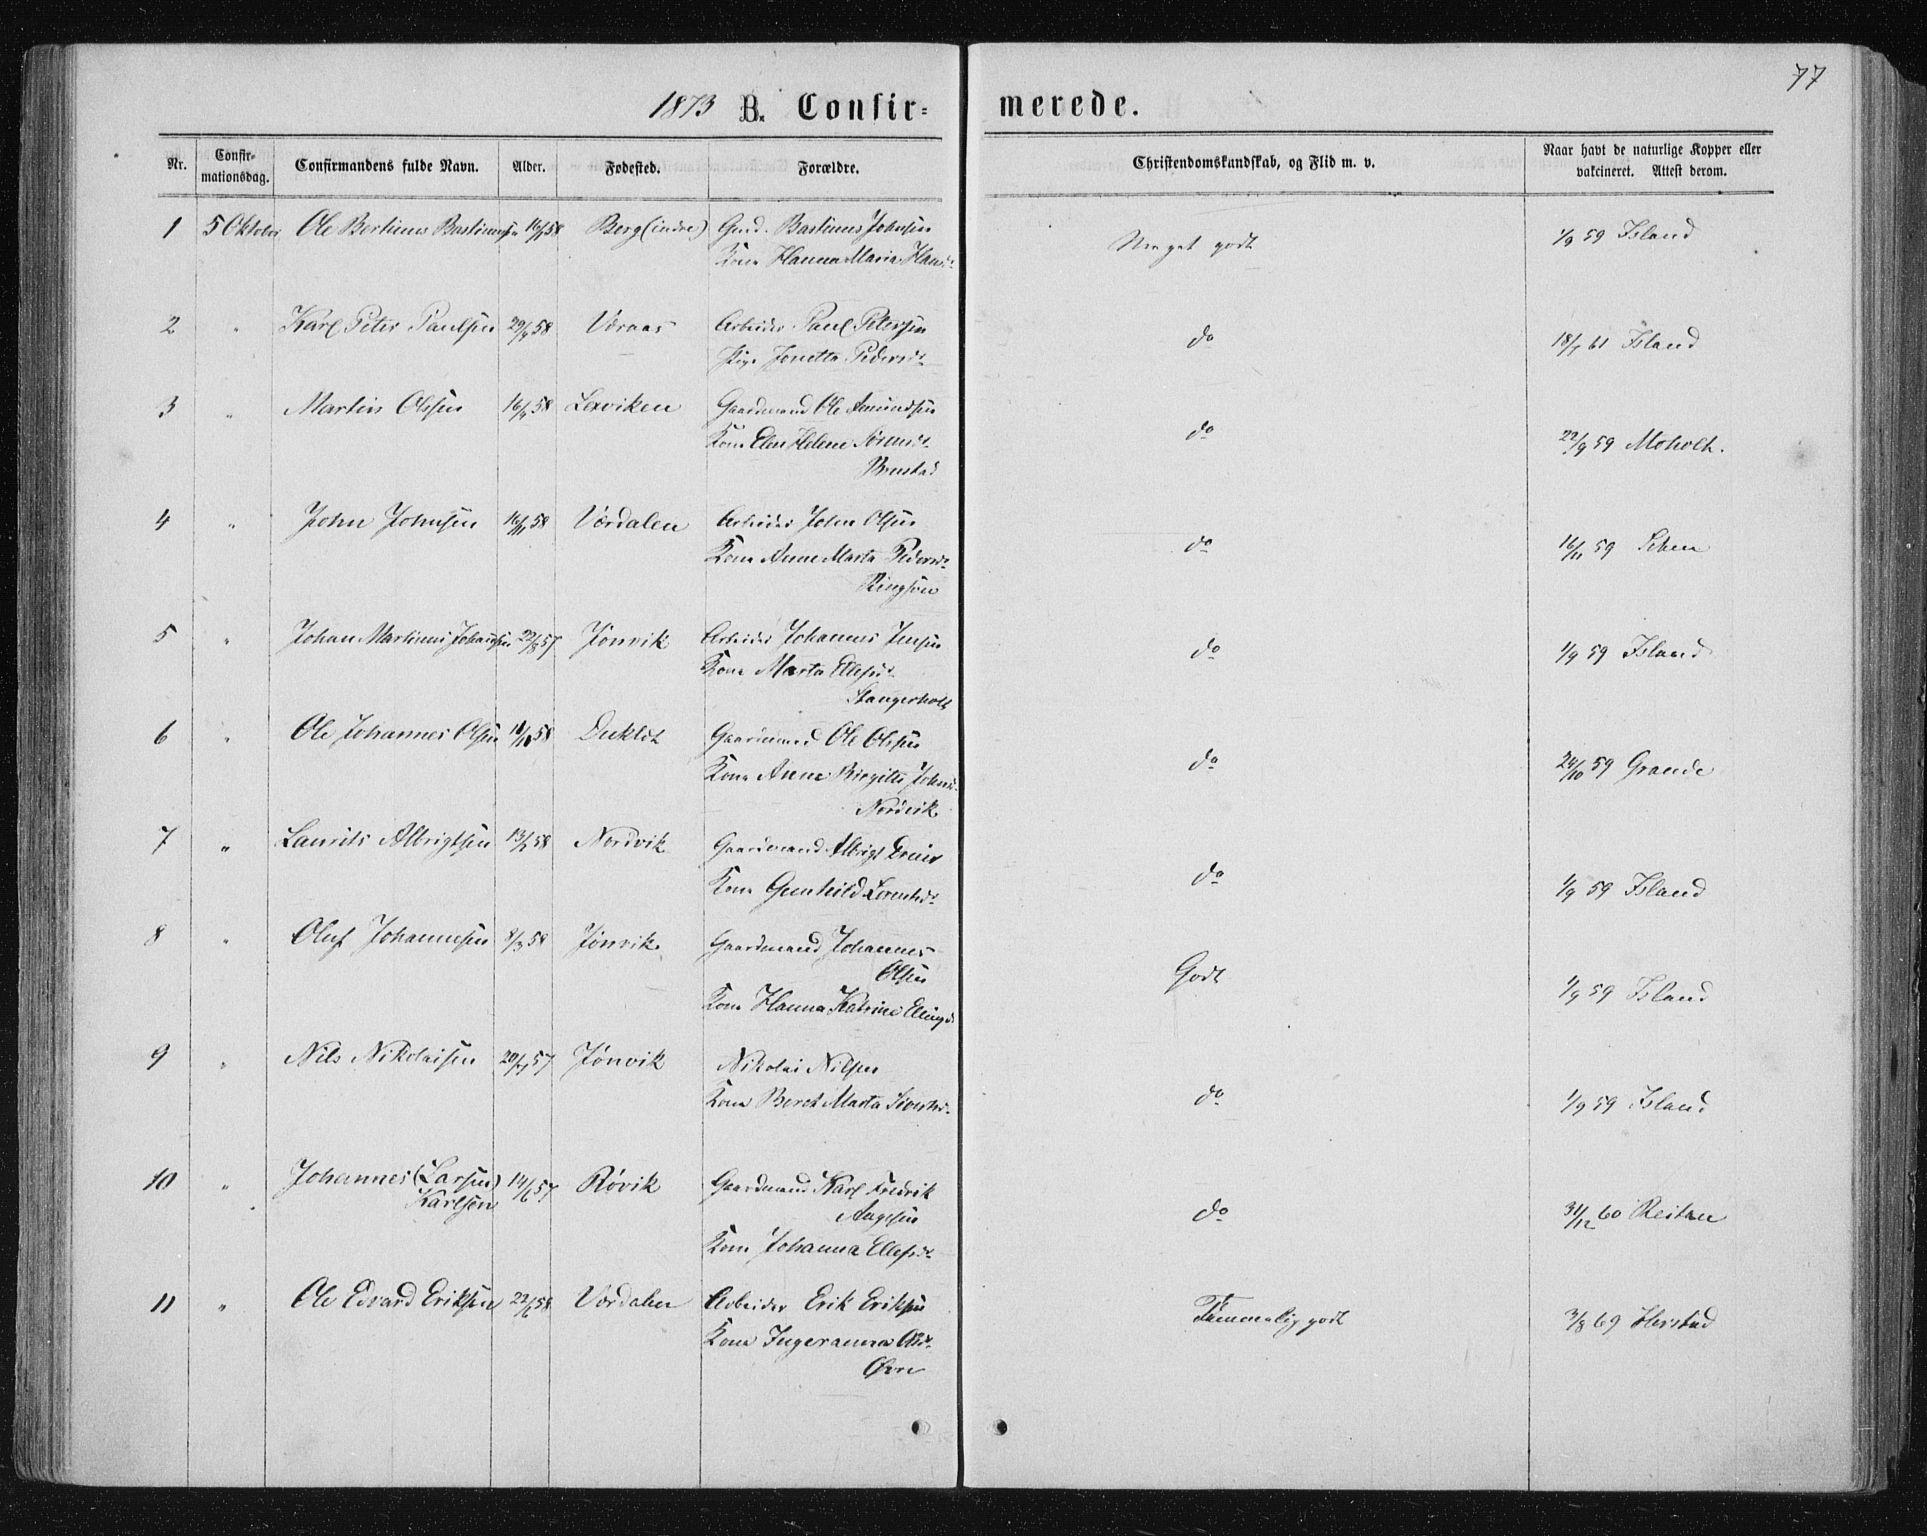 SAT, Ministerialprotokoller, klokkerbøker og fødselsregistre - Nord-Trøndelag, 722/L0219: Ministerialbok nr. 722A06, 1868-1880, s. 77